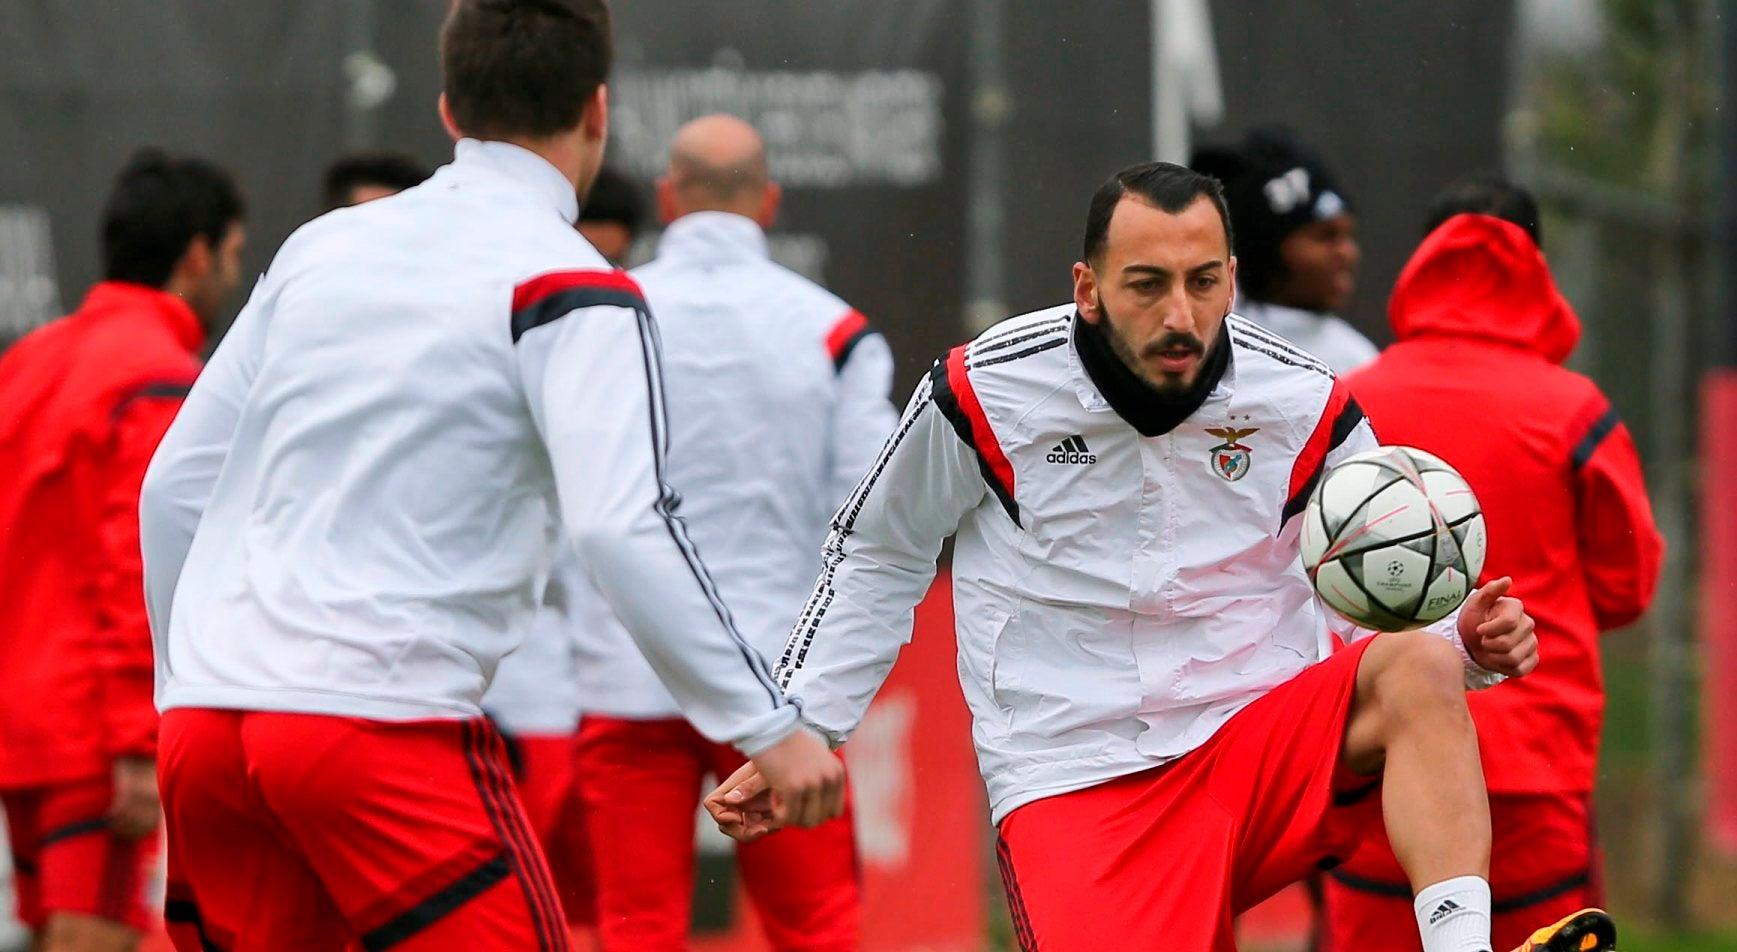 Benfica e Sporting v�o a jogo para ganhar